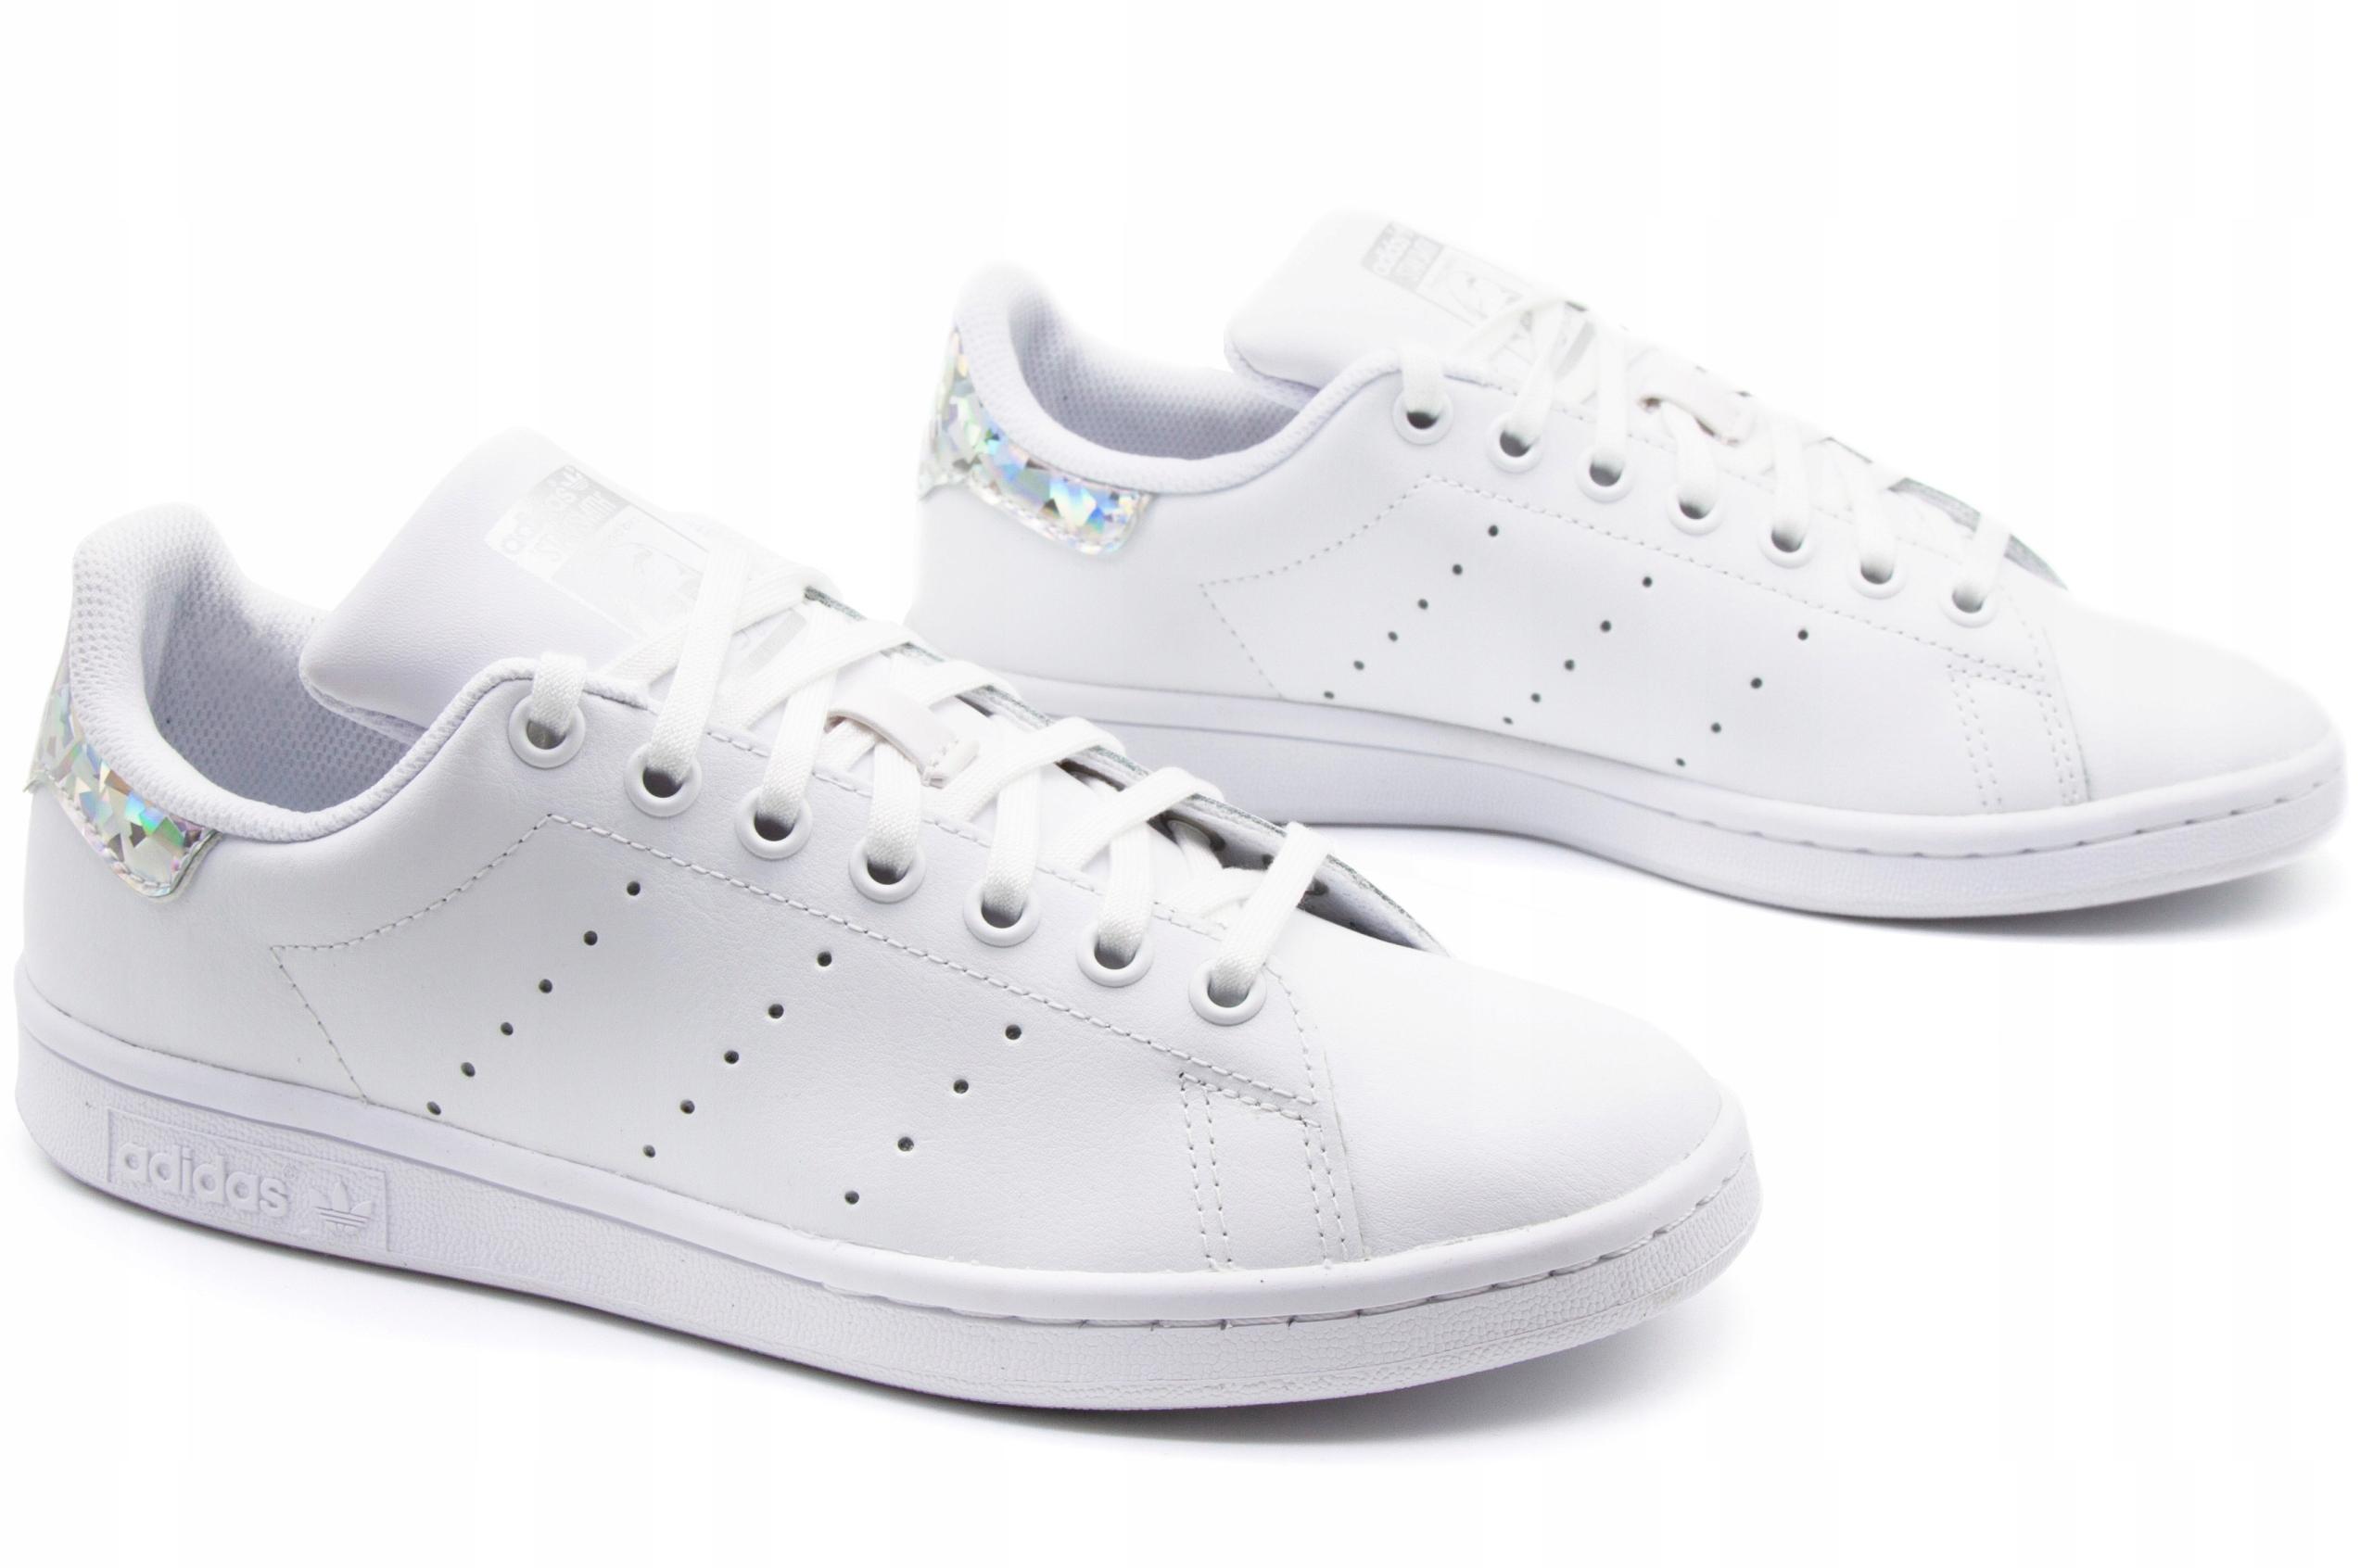 adidas Stan Smith J EE8483 białe, damskiemęskie, rozmiar